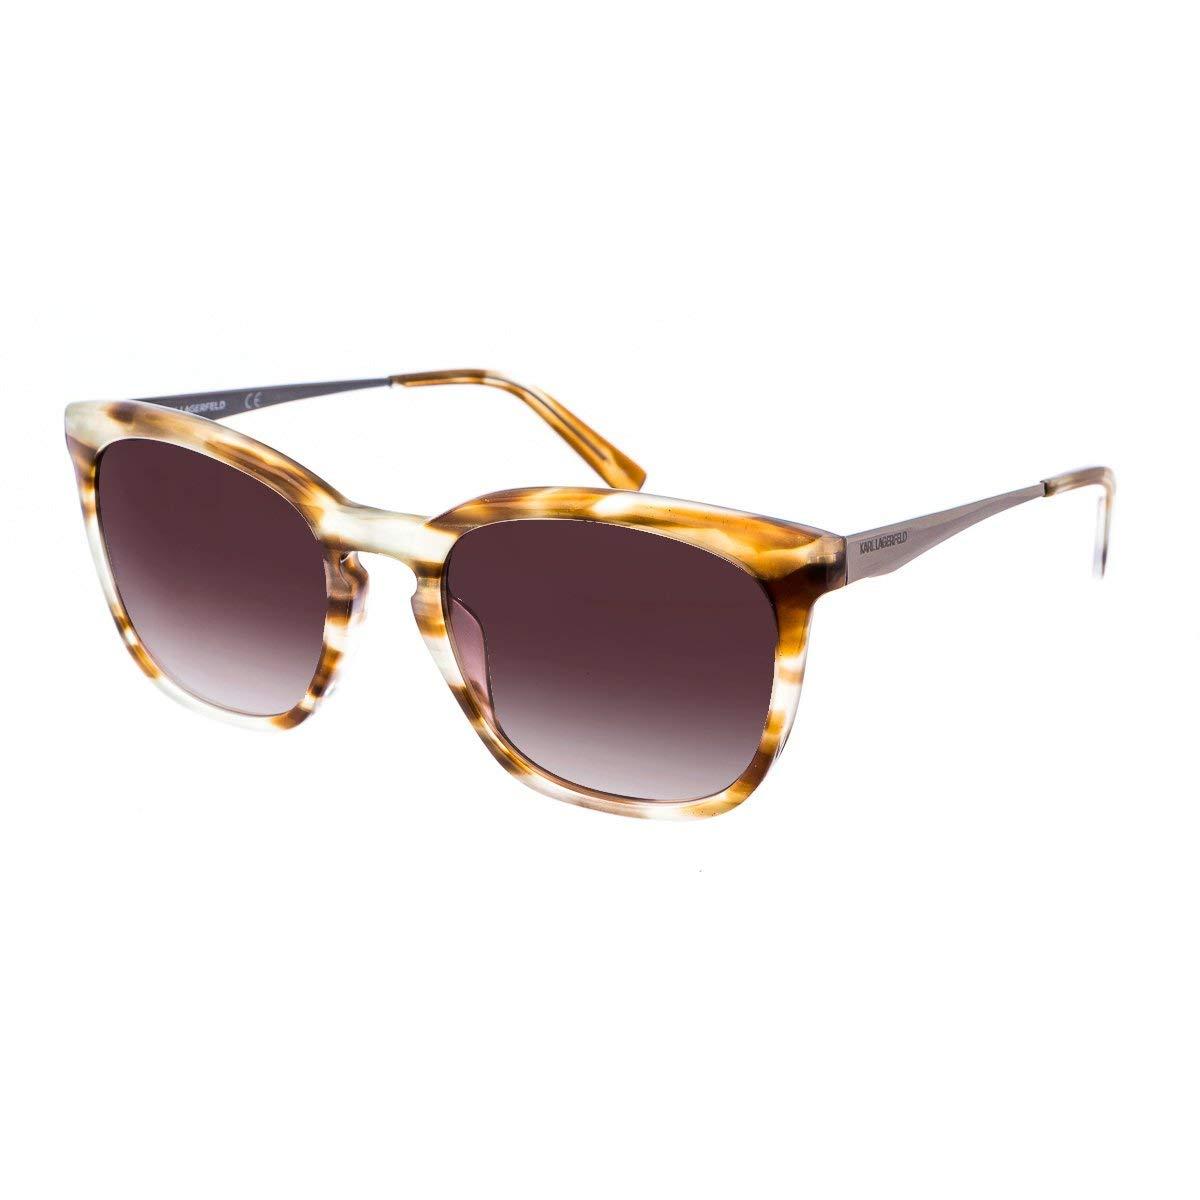 Karl Lagerfeld Gafas de sol: Amazon.es: Ropa y accesorios